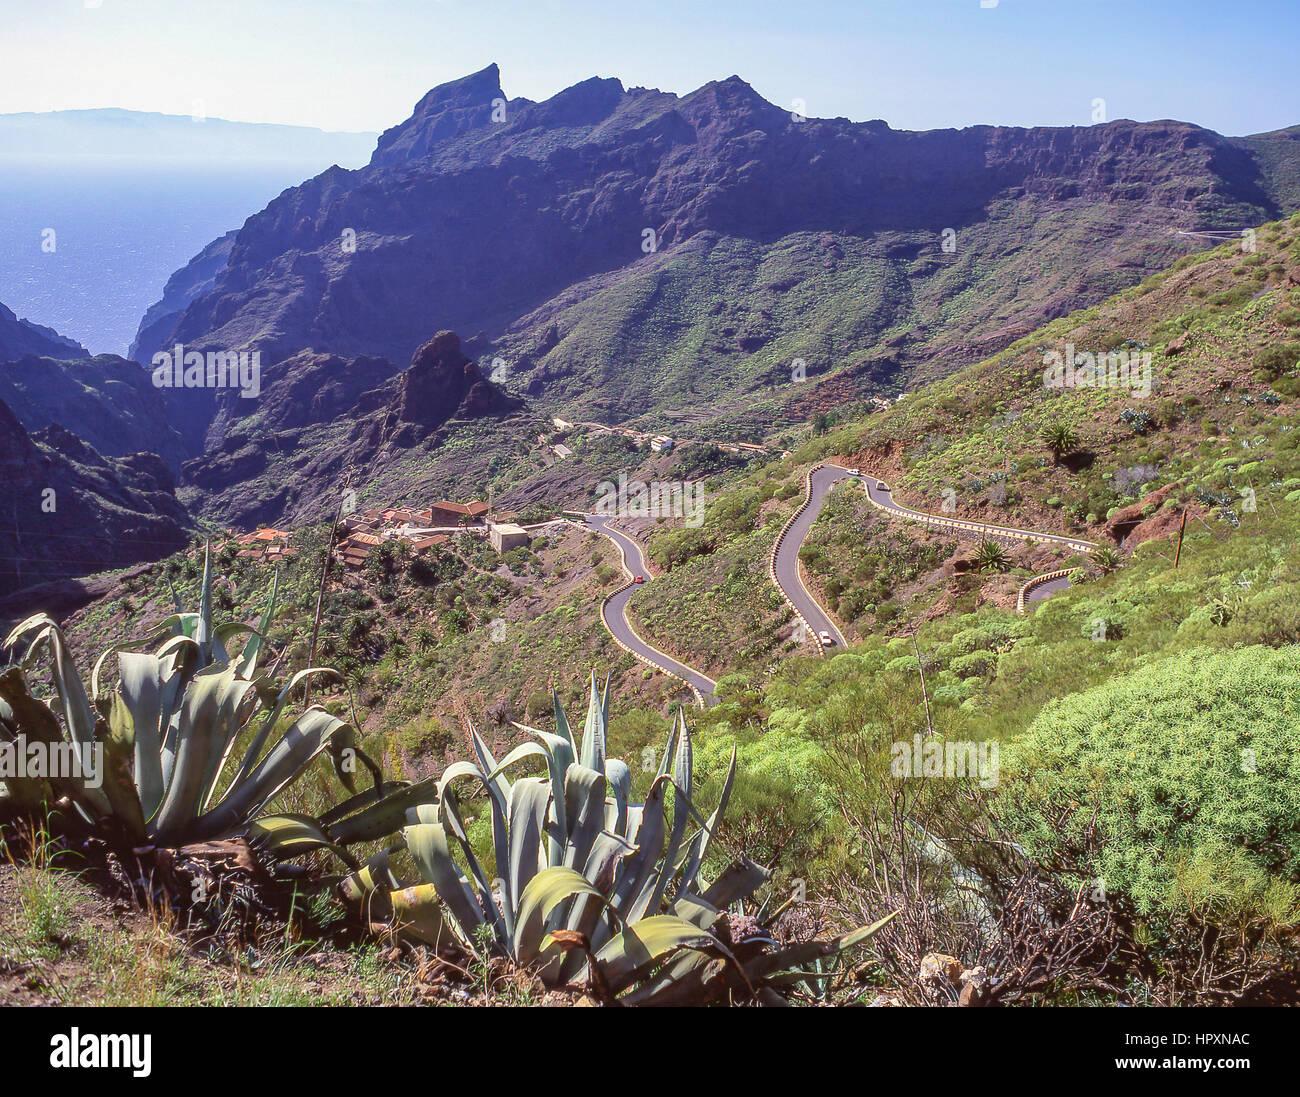 Aussichtspunkt auf dem Weg zum Dorf Masca, die Teno, Teneriffa, Kanarische Inseln, Spanien Stockbild